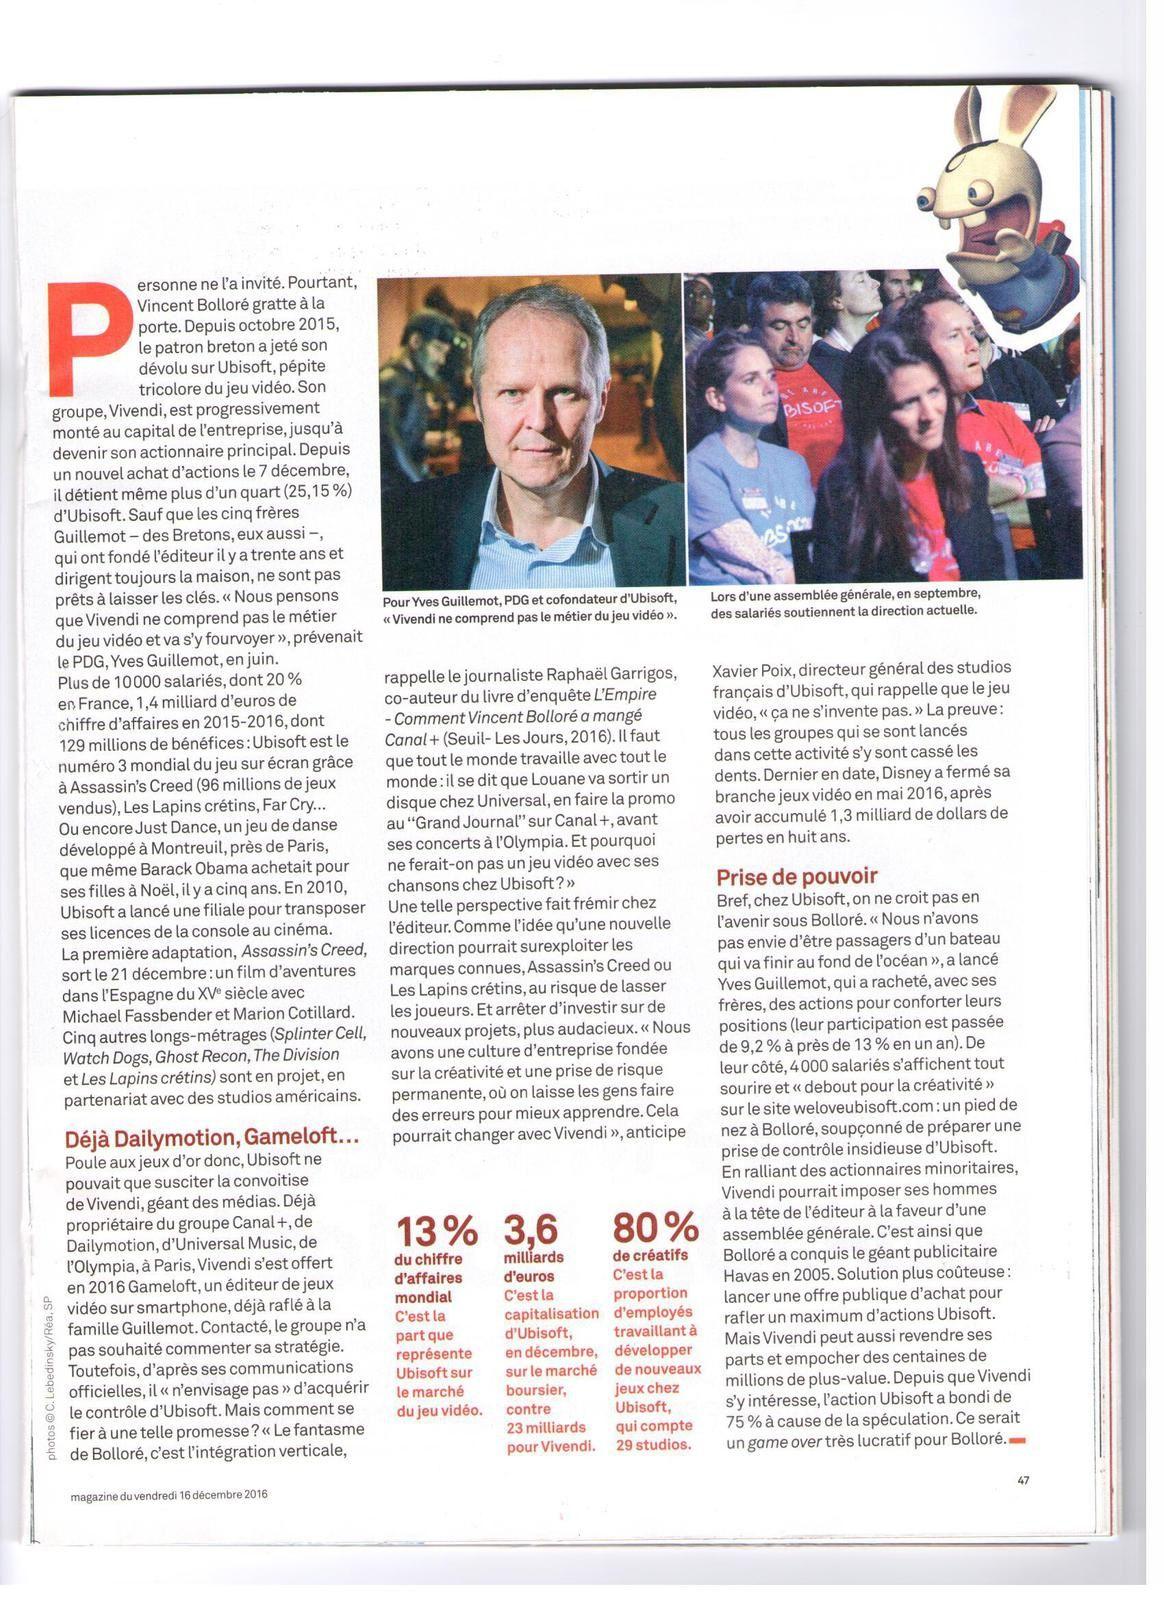 Vus et lus dans Télérama Sortit n° 3 496 du 11 janvier 2017, Le Parisien Eco du 23 janvier 2017, et le Parisien Magazine du 16 décembre 2016